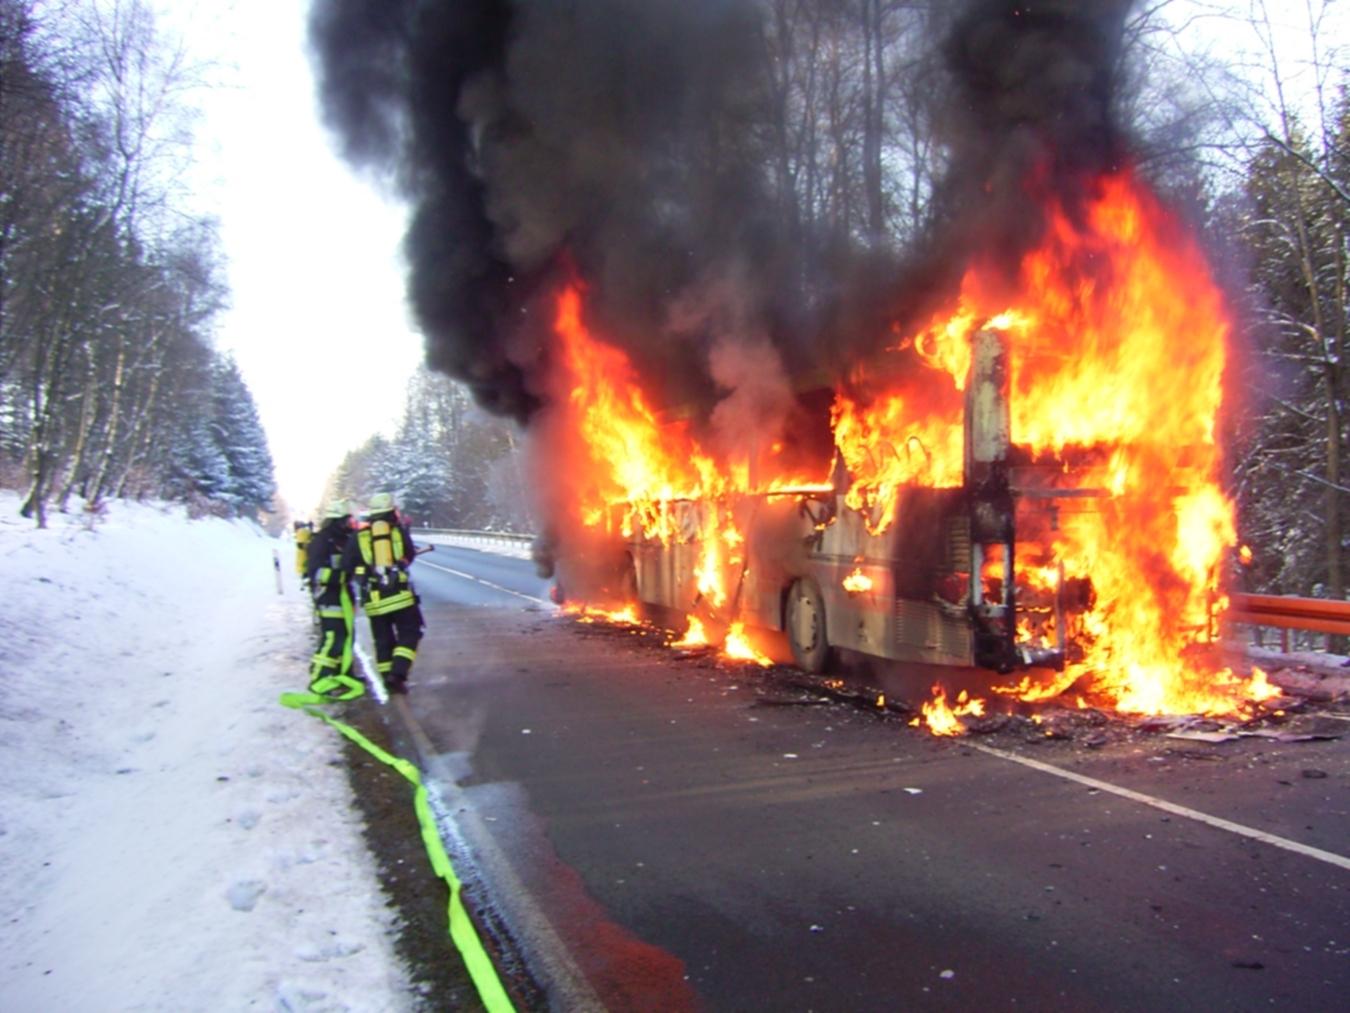 Einsatz brennender Bus